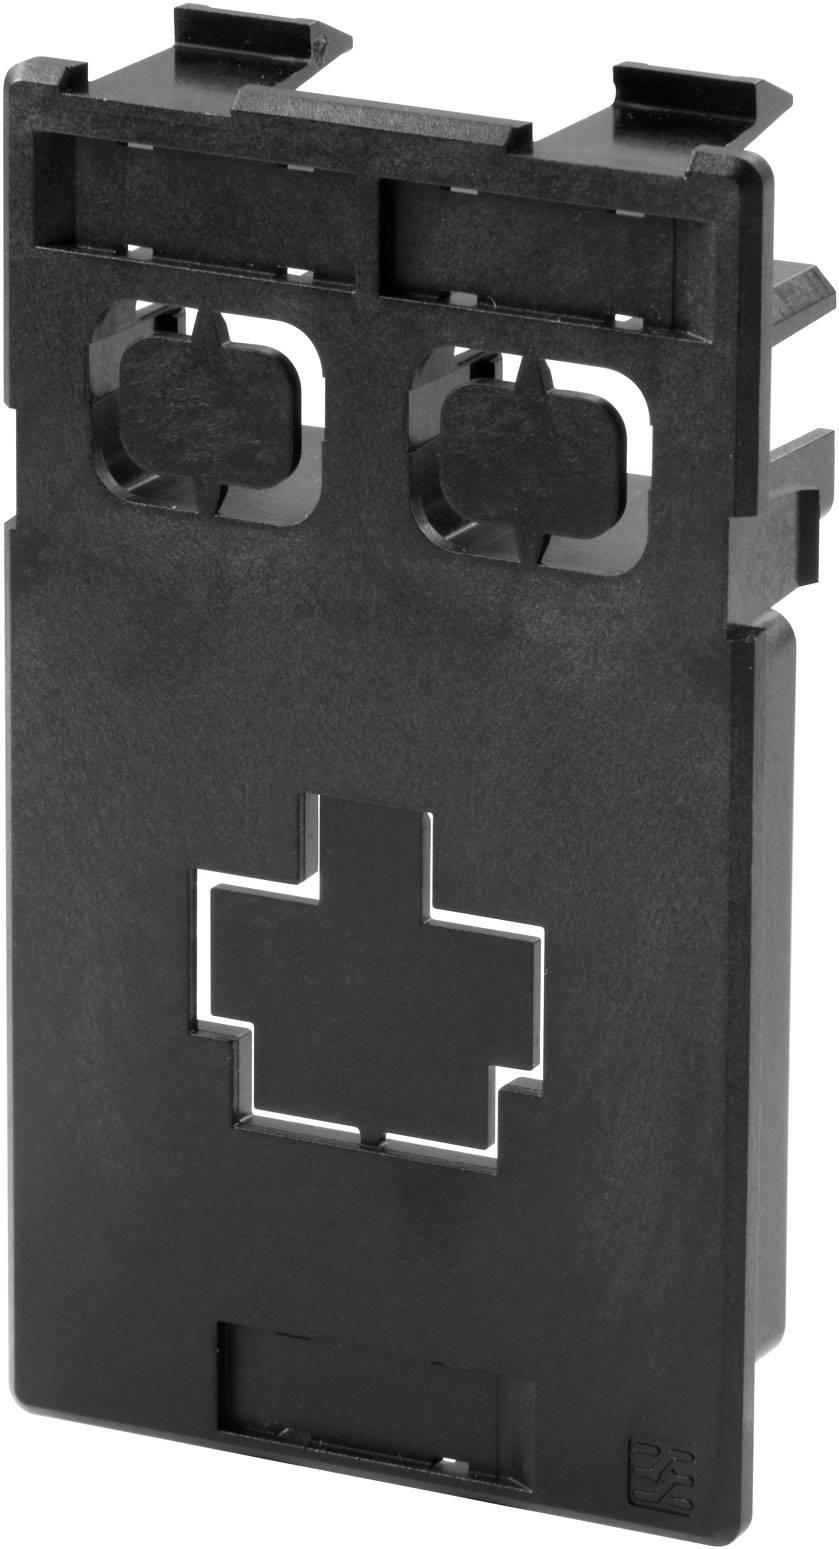 FrontCom® Vario použití deska, stíněný, 1x Power, USA, 2 x data IE-FC-SP-PWU/2ST Weidmüller Množství: 1 ks